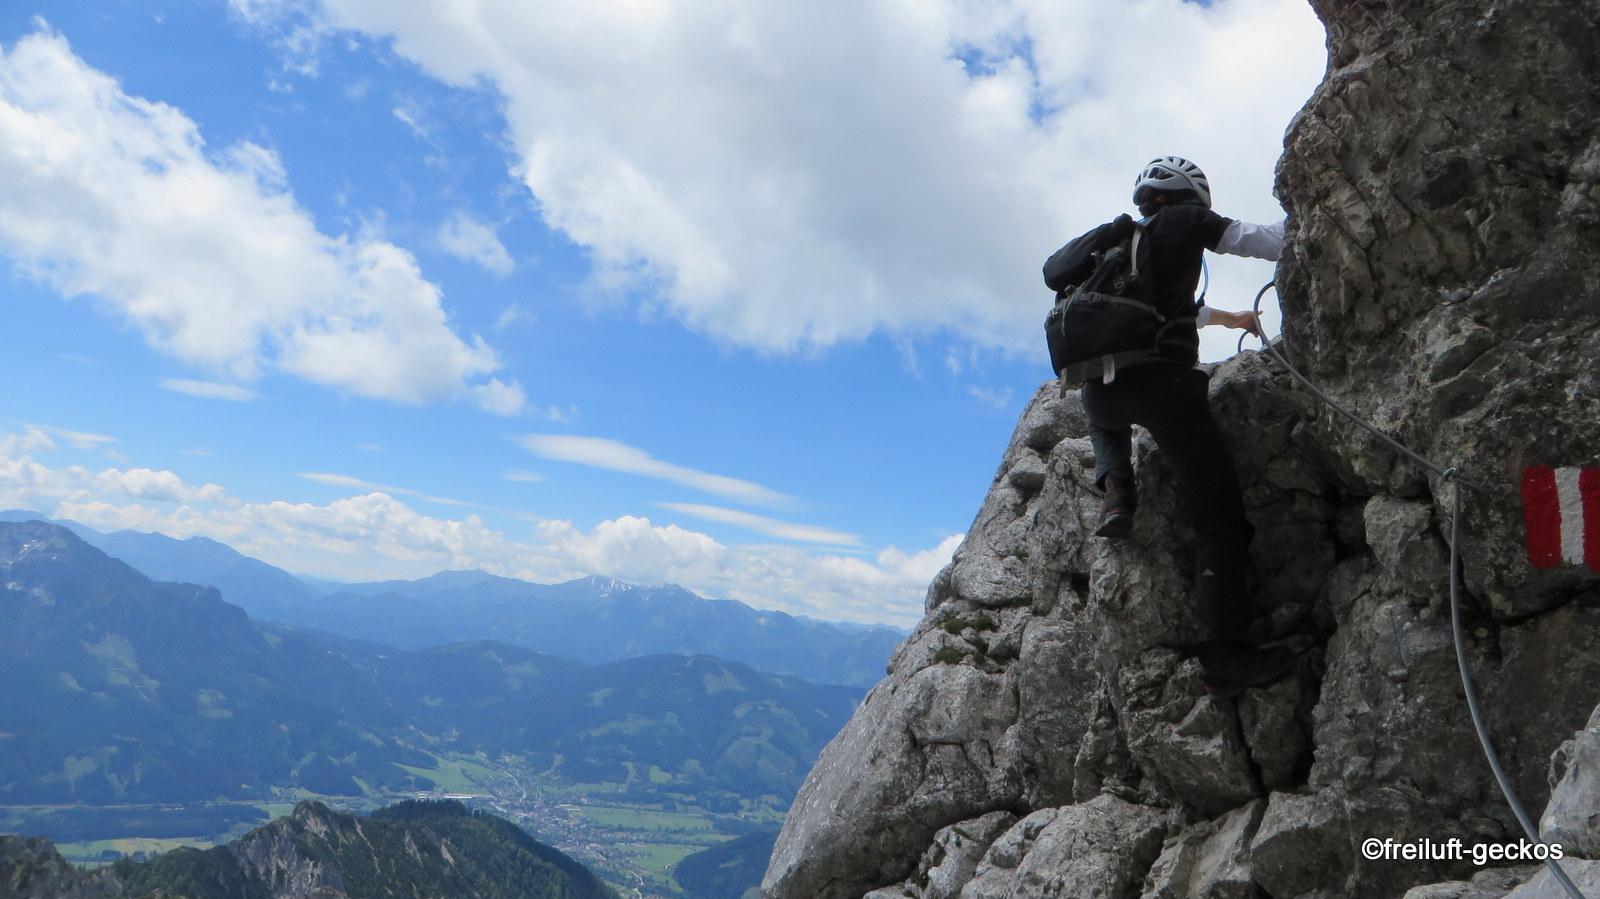 Hexensteig Klettersteig : Klettersteig jungfernsteig hexensteig alpenverein